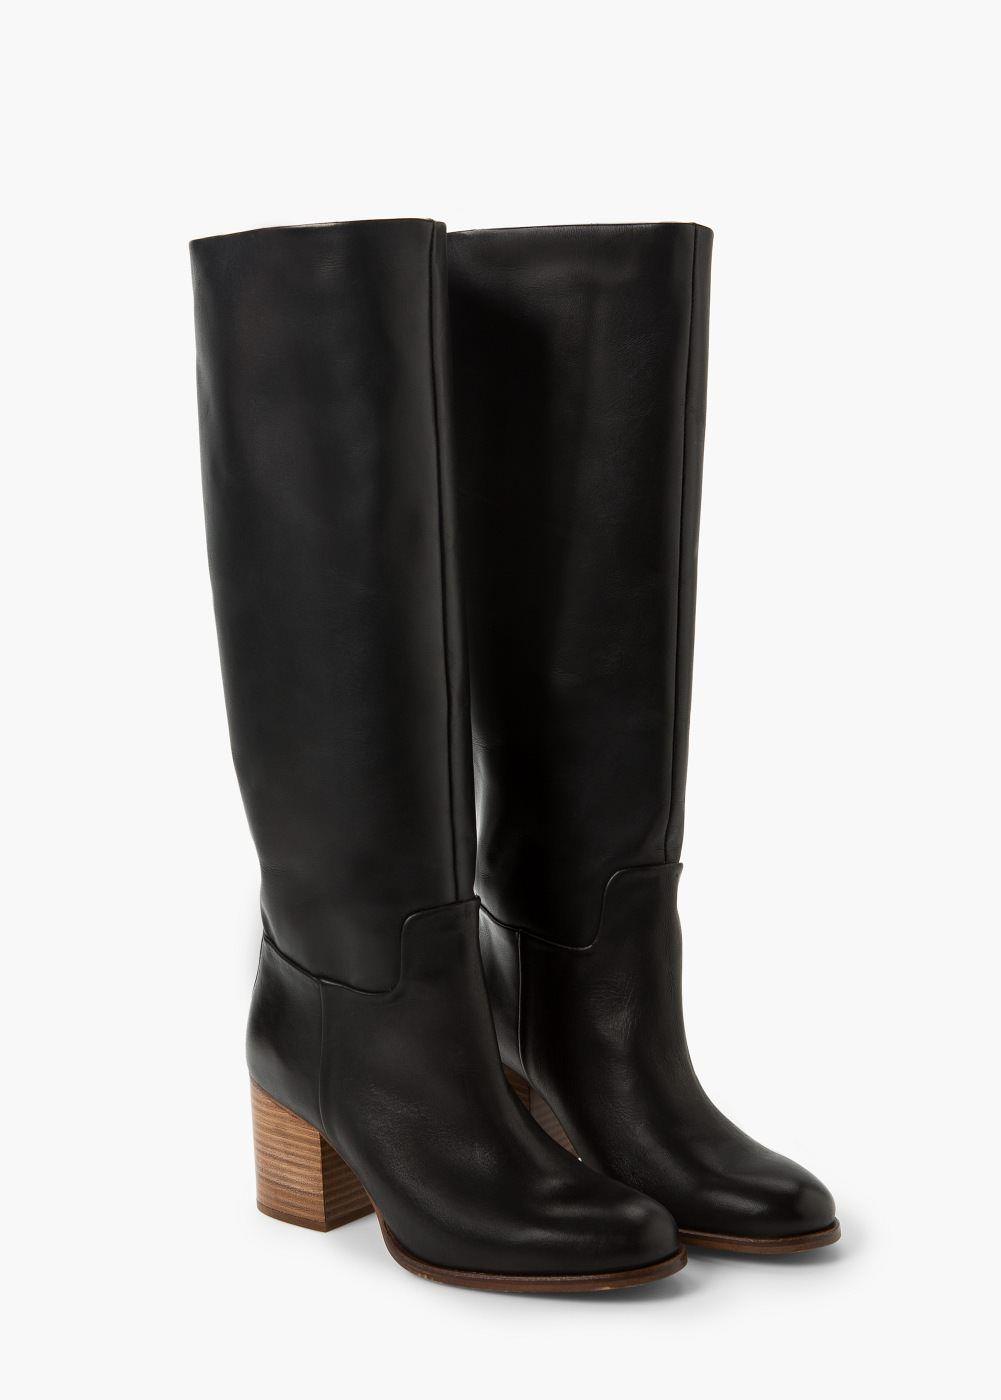 Hoge Leren Laarzen Dames Mango Nederland Lederstiefel Schuh Stiefel Stiefel